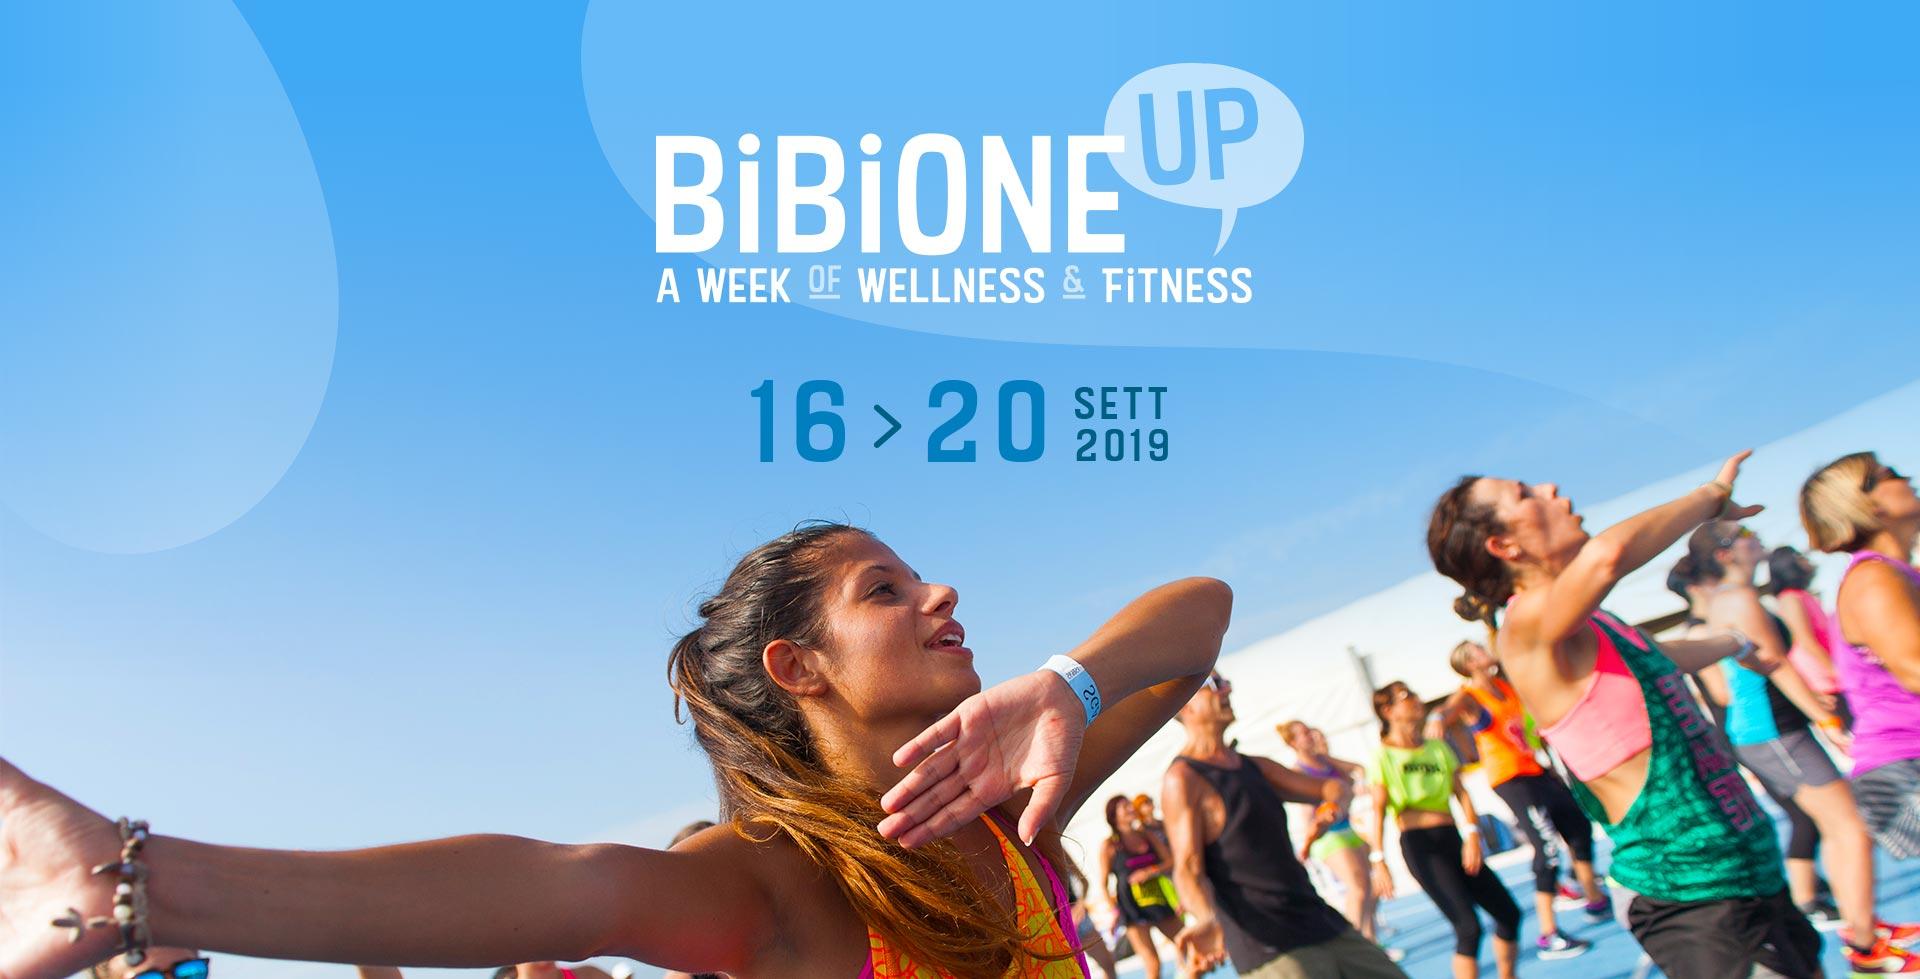 Bibione Up 2019 – La settimana del benessere